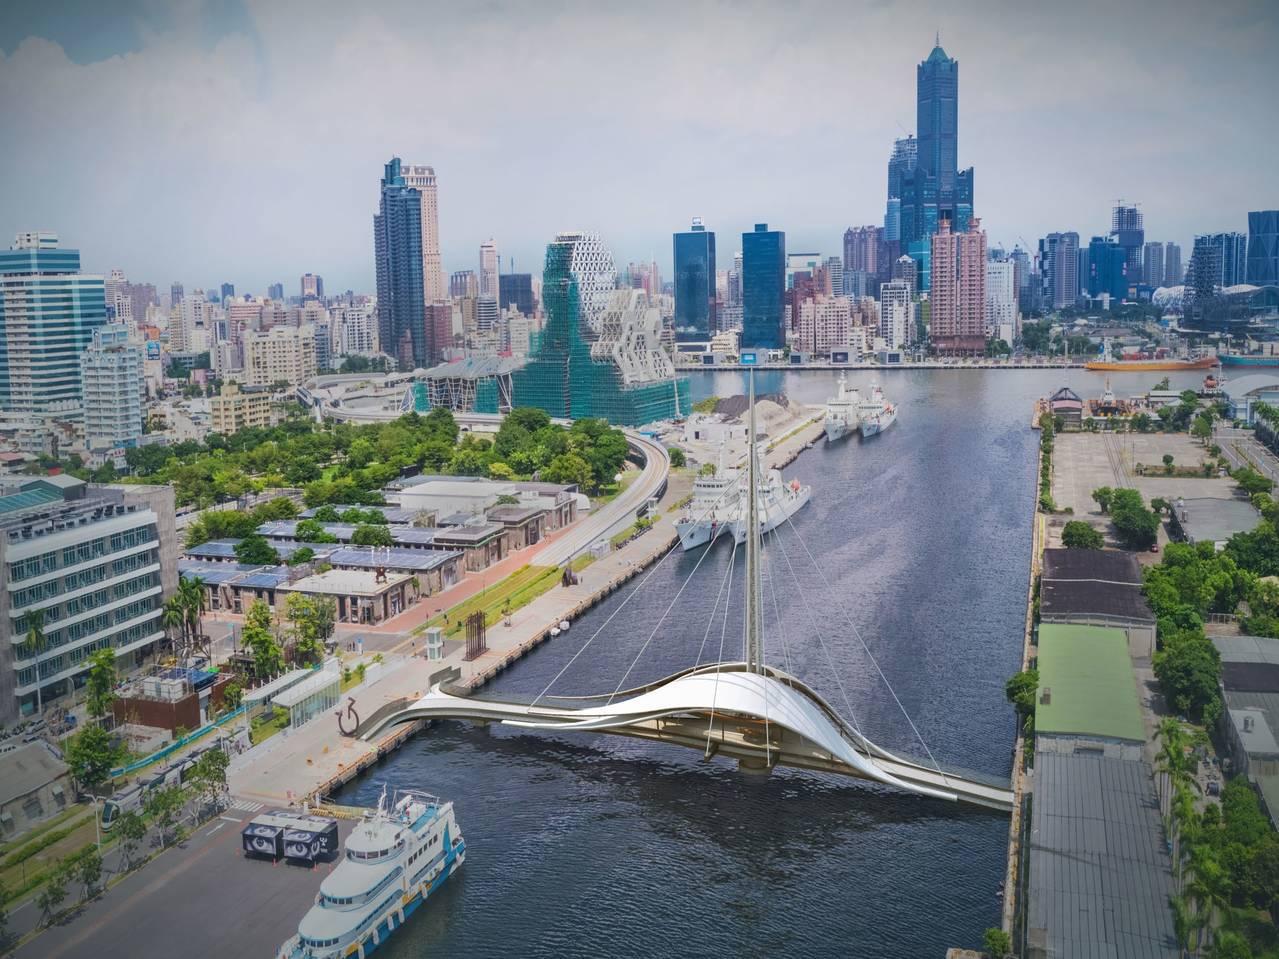 高雄港大港橋落成後是全台首座旋轉景觀橋。圖/台灣港務公司提供